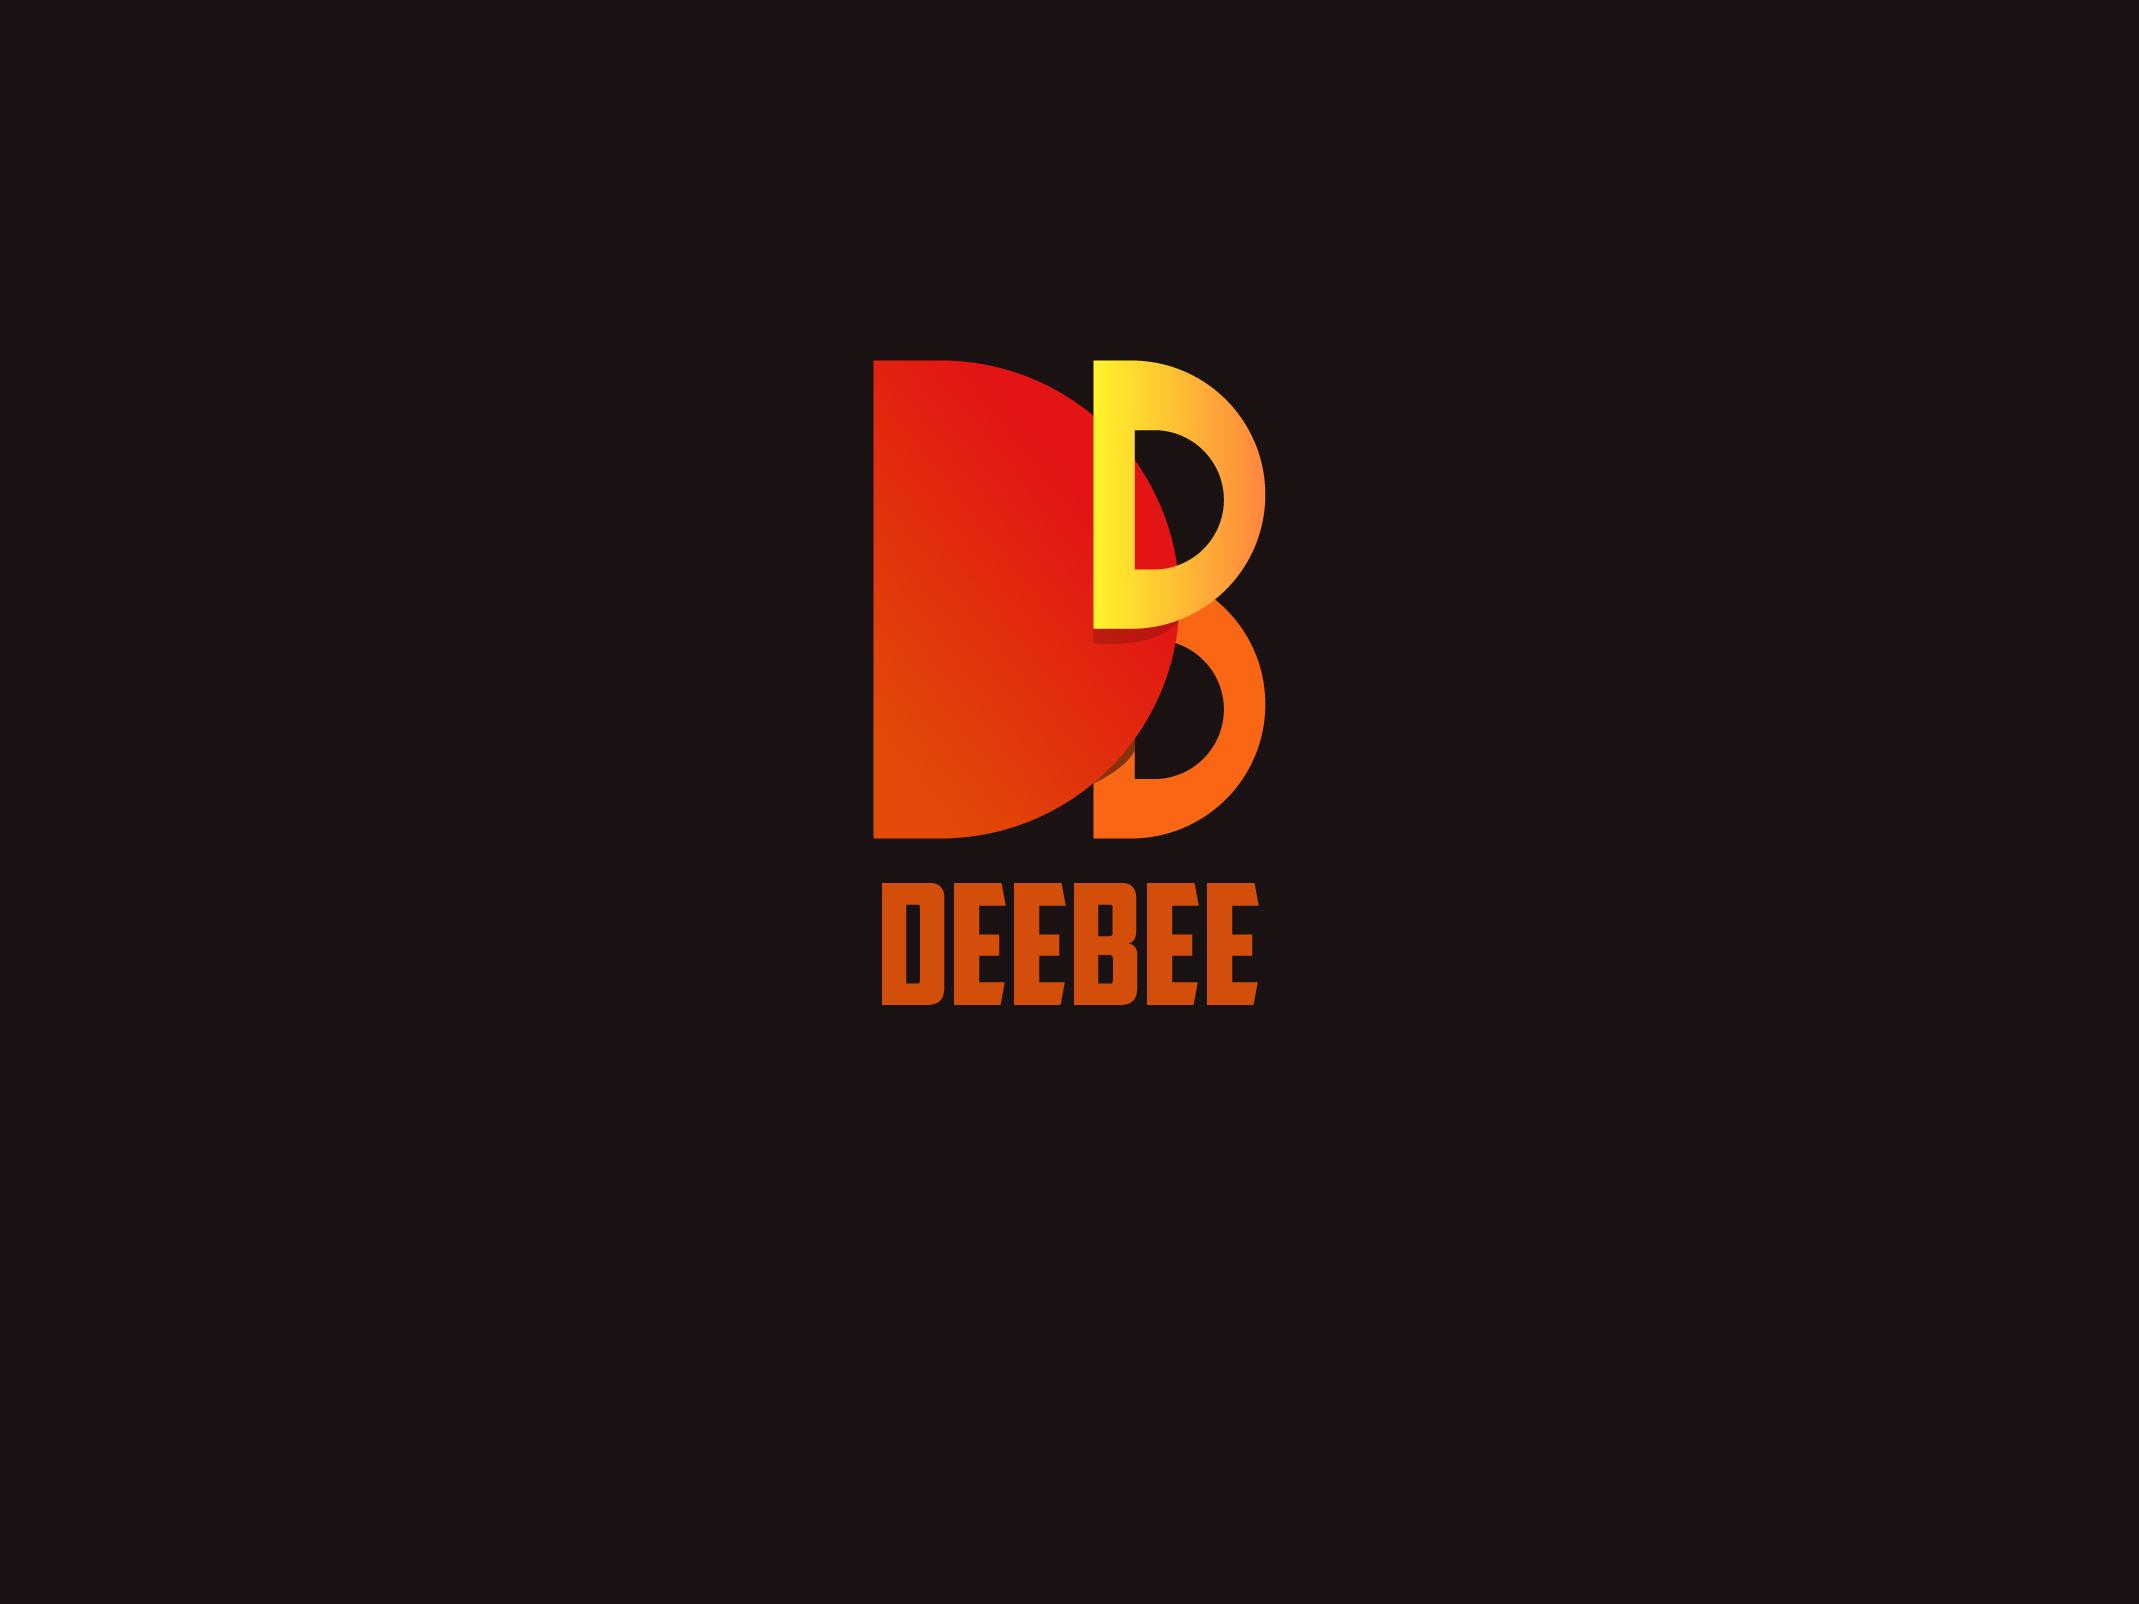 Dbee gr